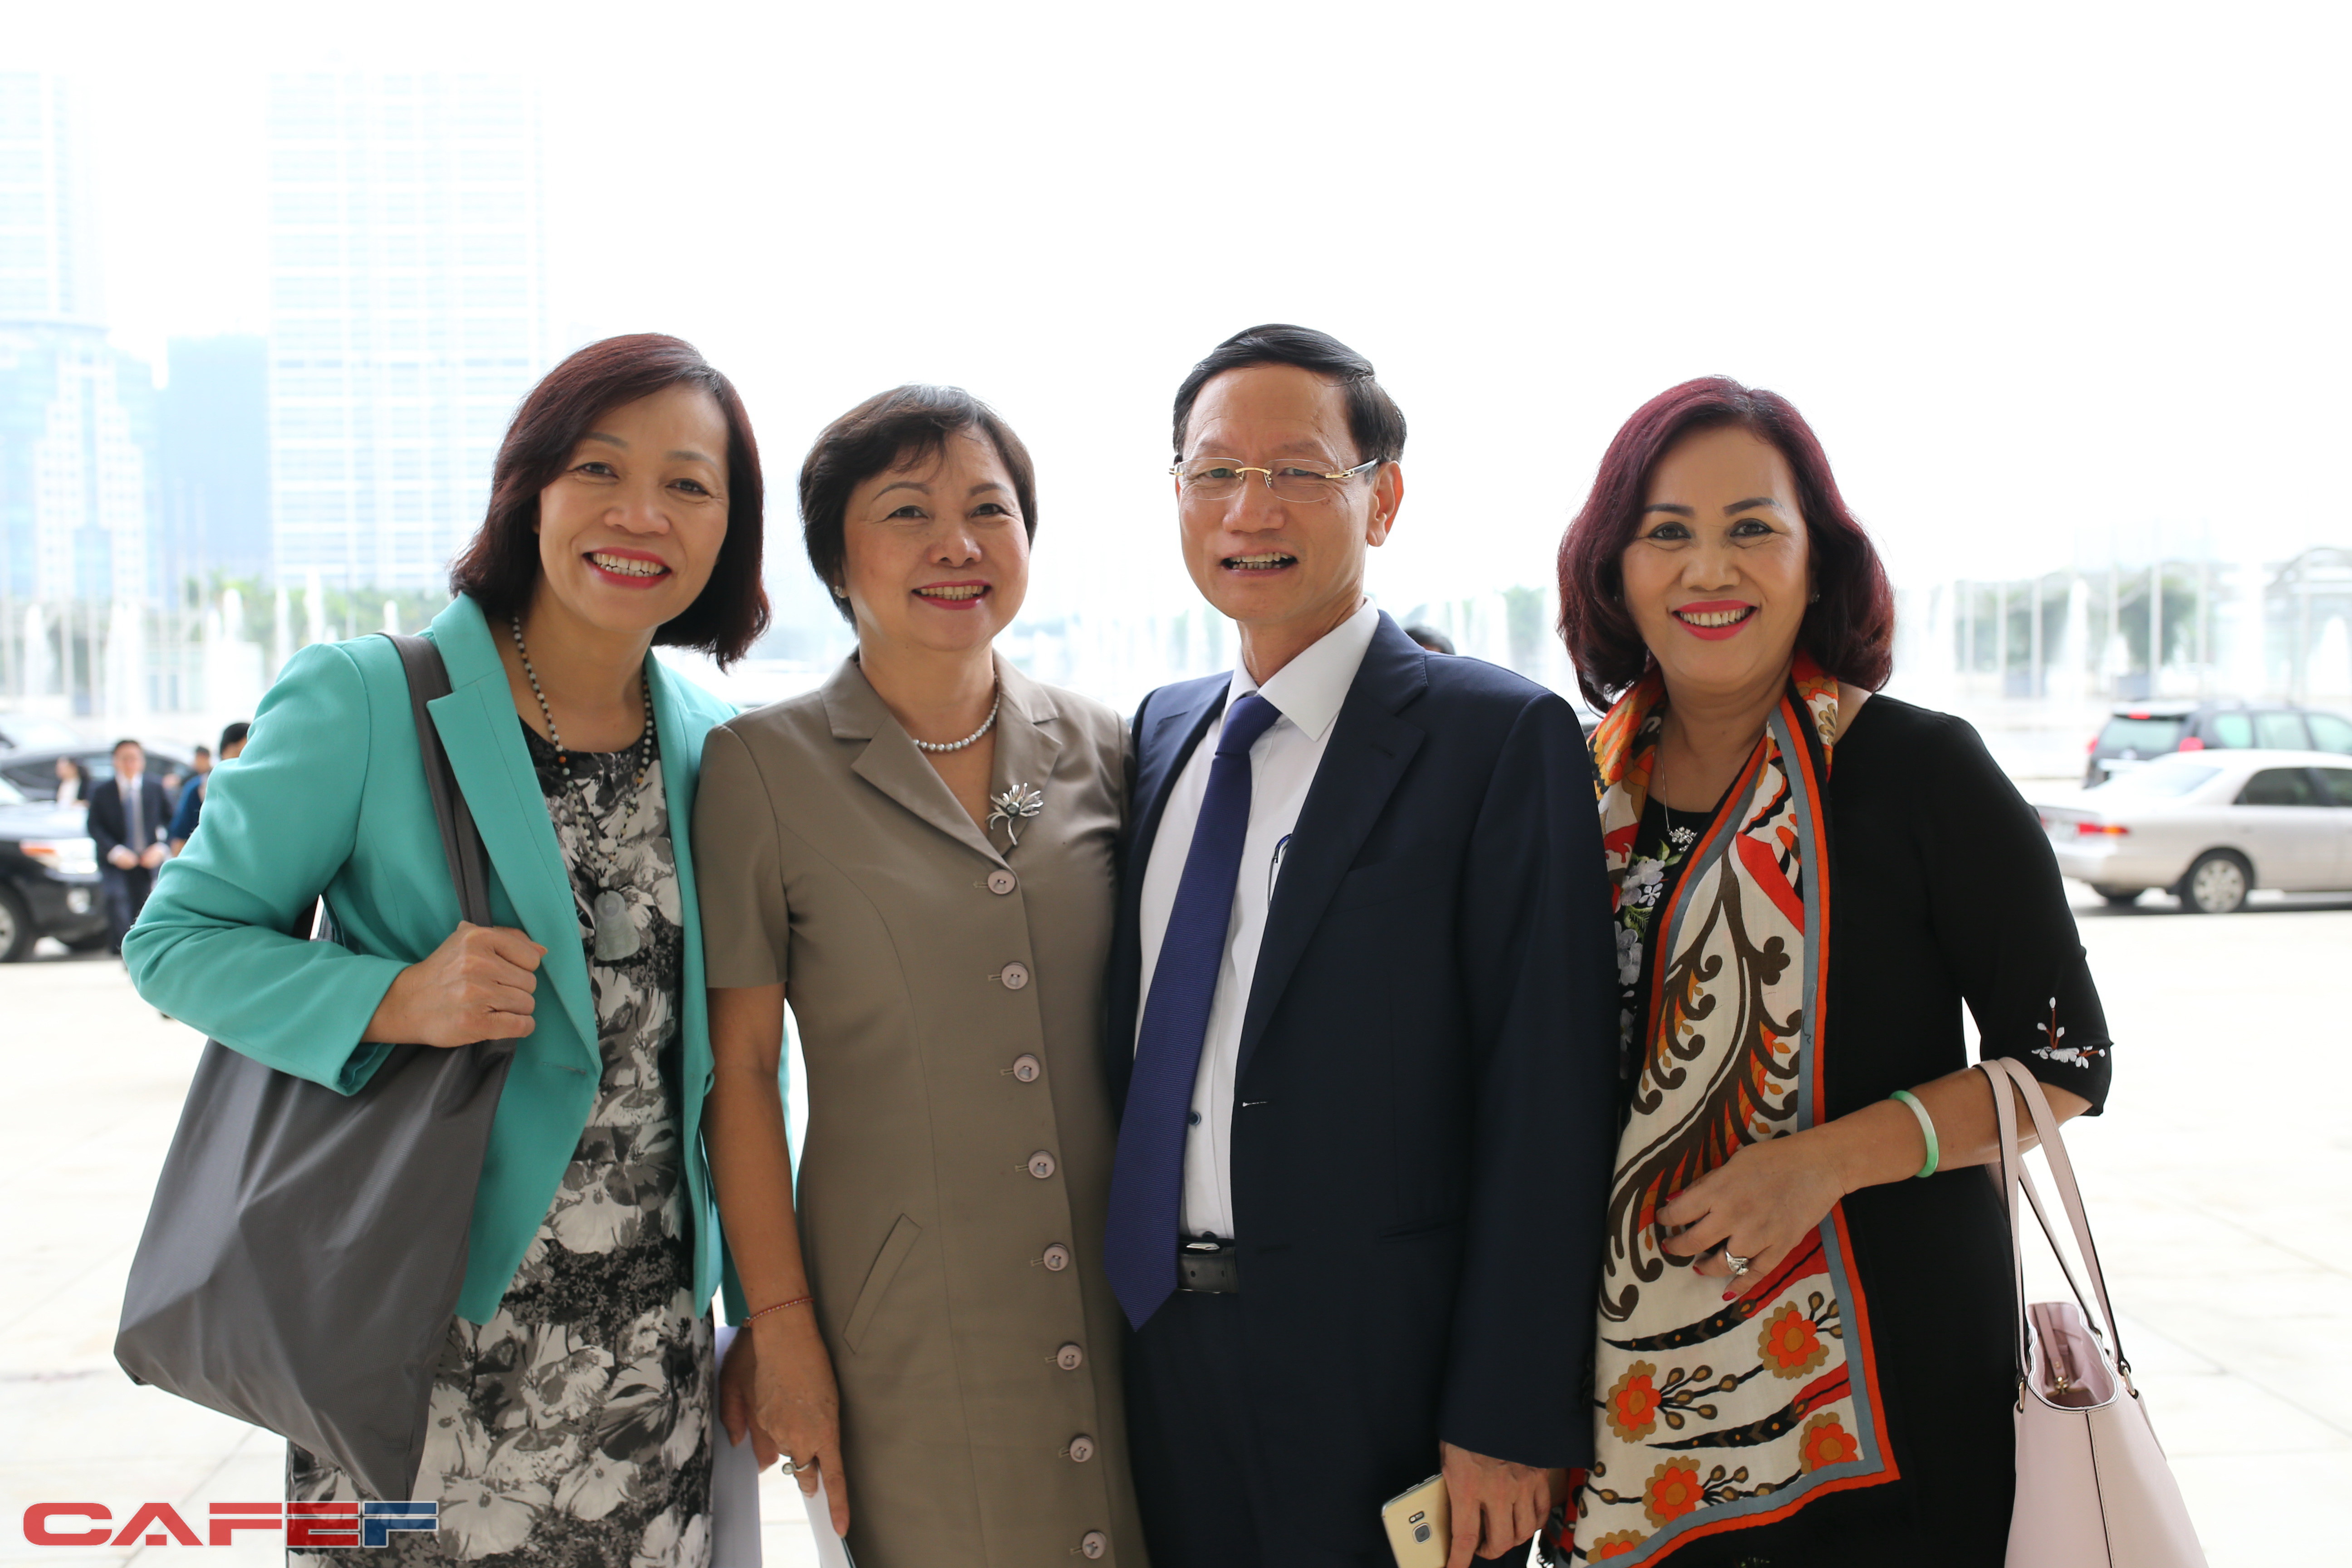 Ông Vũ Văn Văn Tiền, bà Cao Thị Ngọc Dung cùng một số nữ doanh nhân